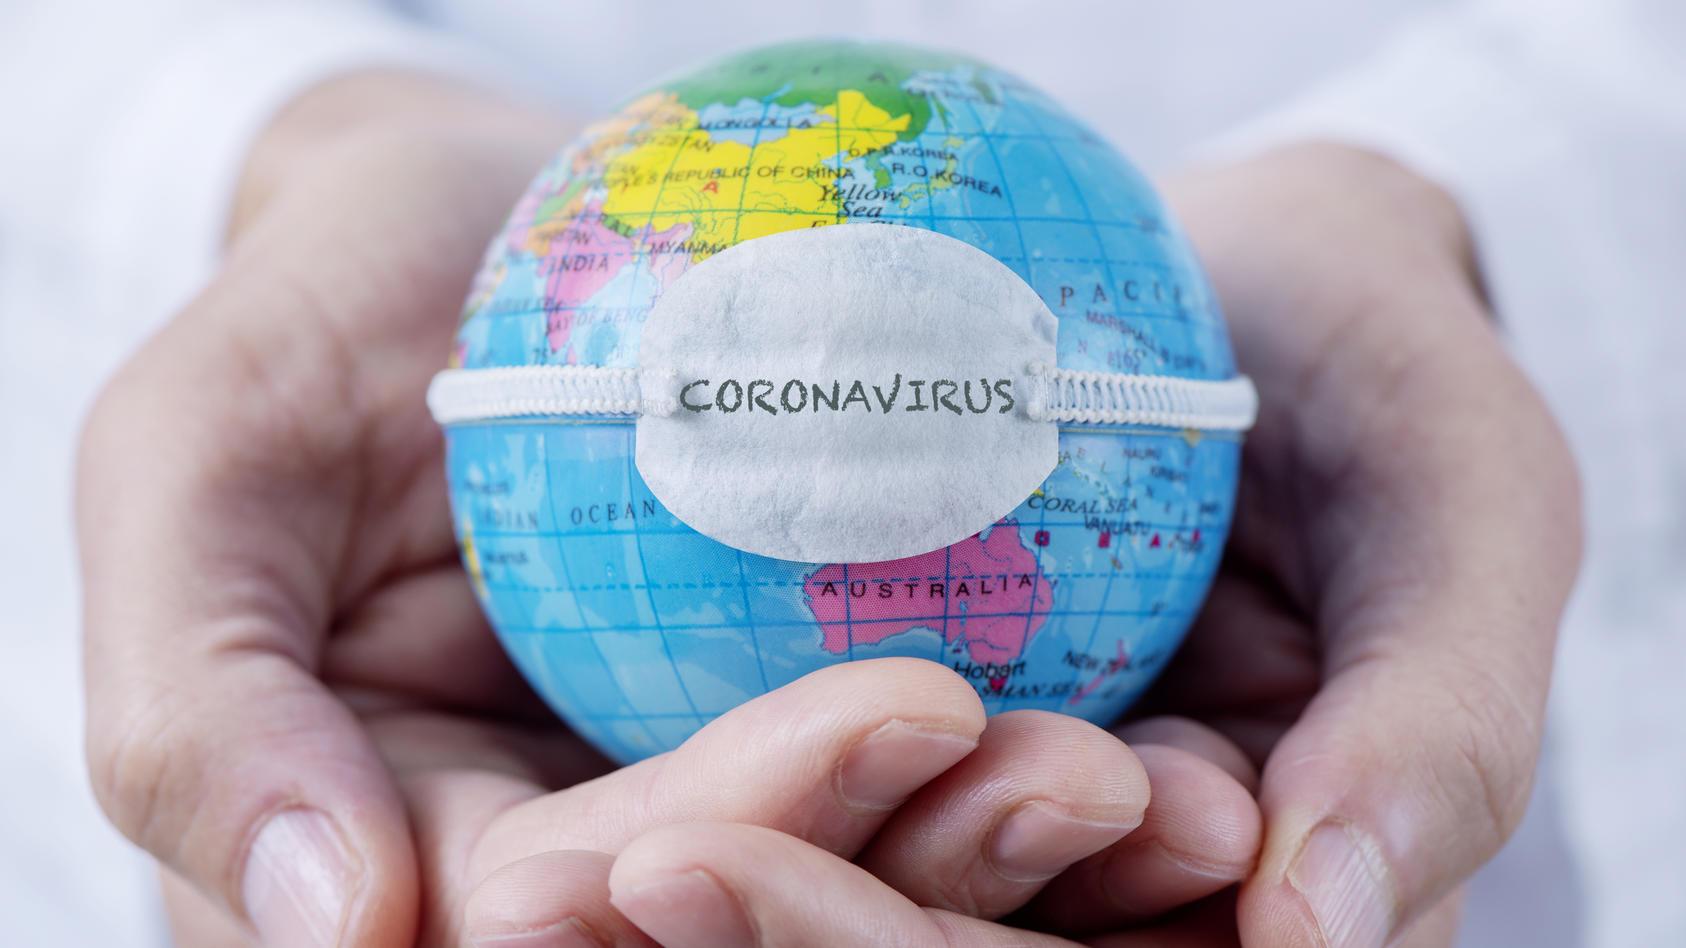 Die Verbreitung des Coronavirus scheint sich derzeit weltweit zu verlangsamen - erste Anzeichen für eine Trendwende?